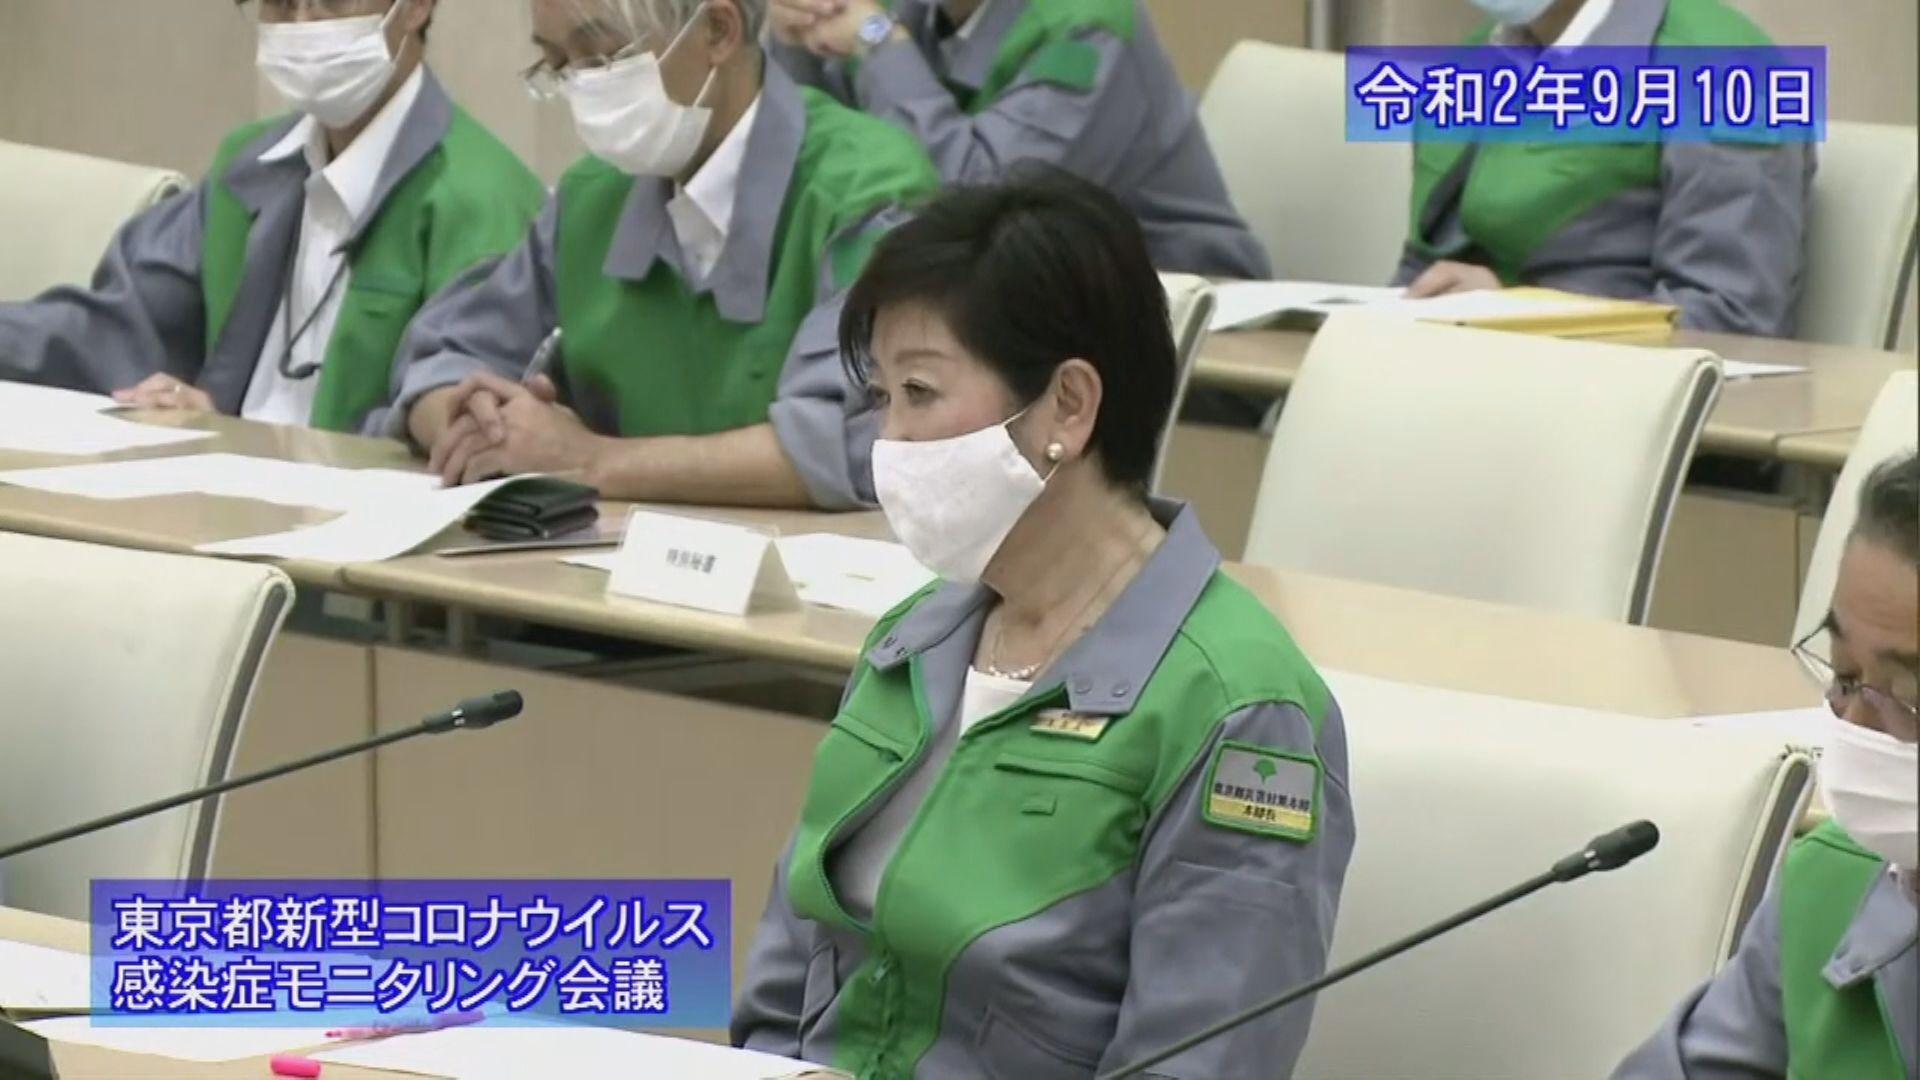 東京都下調新冠疫情警戒級別